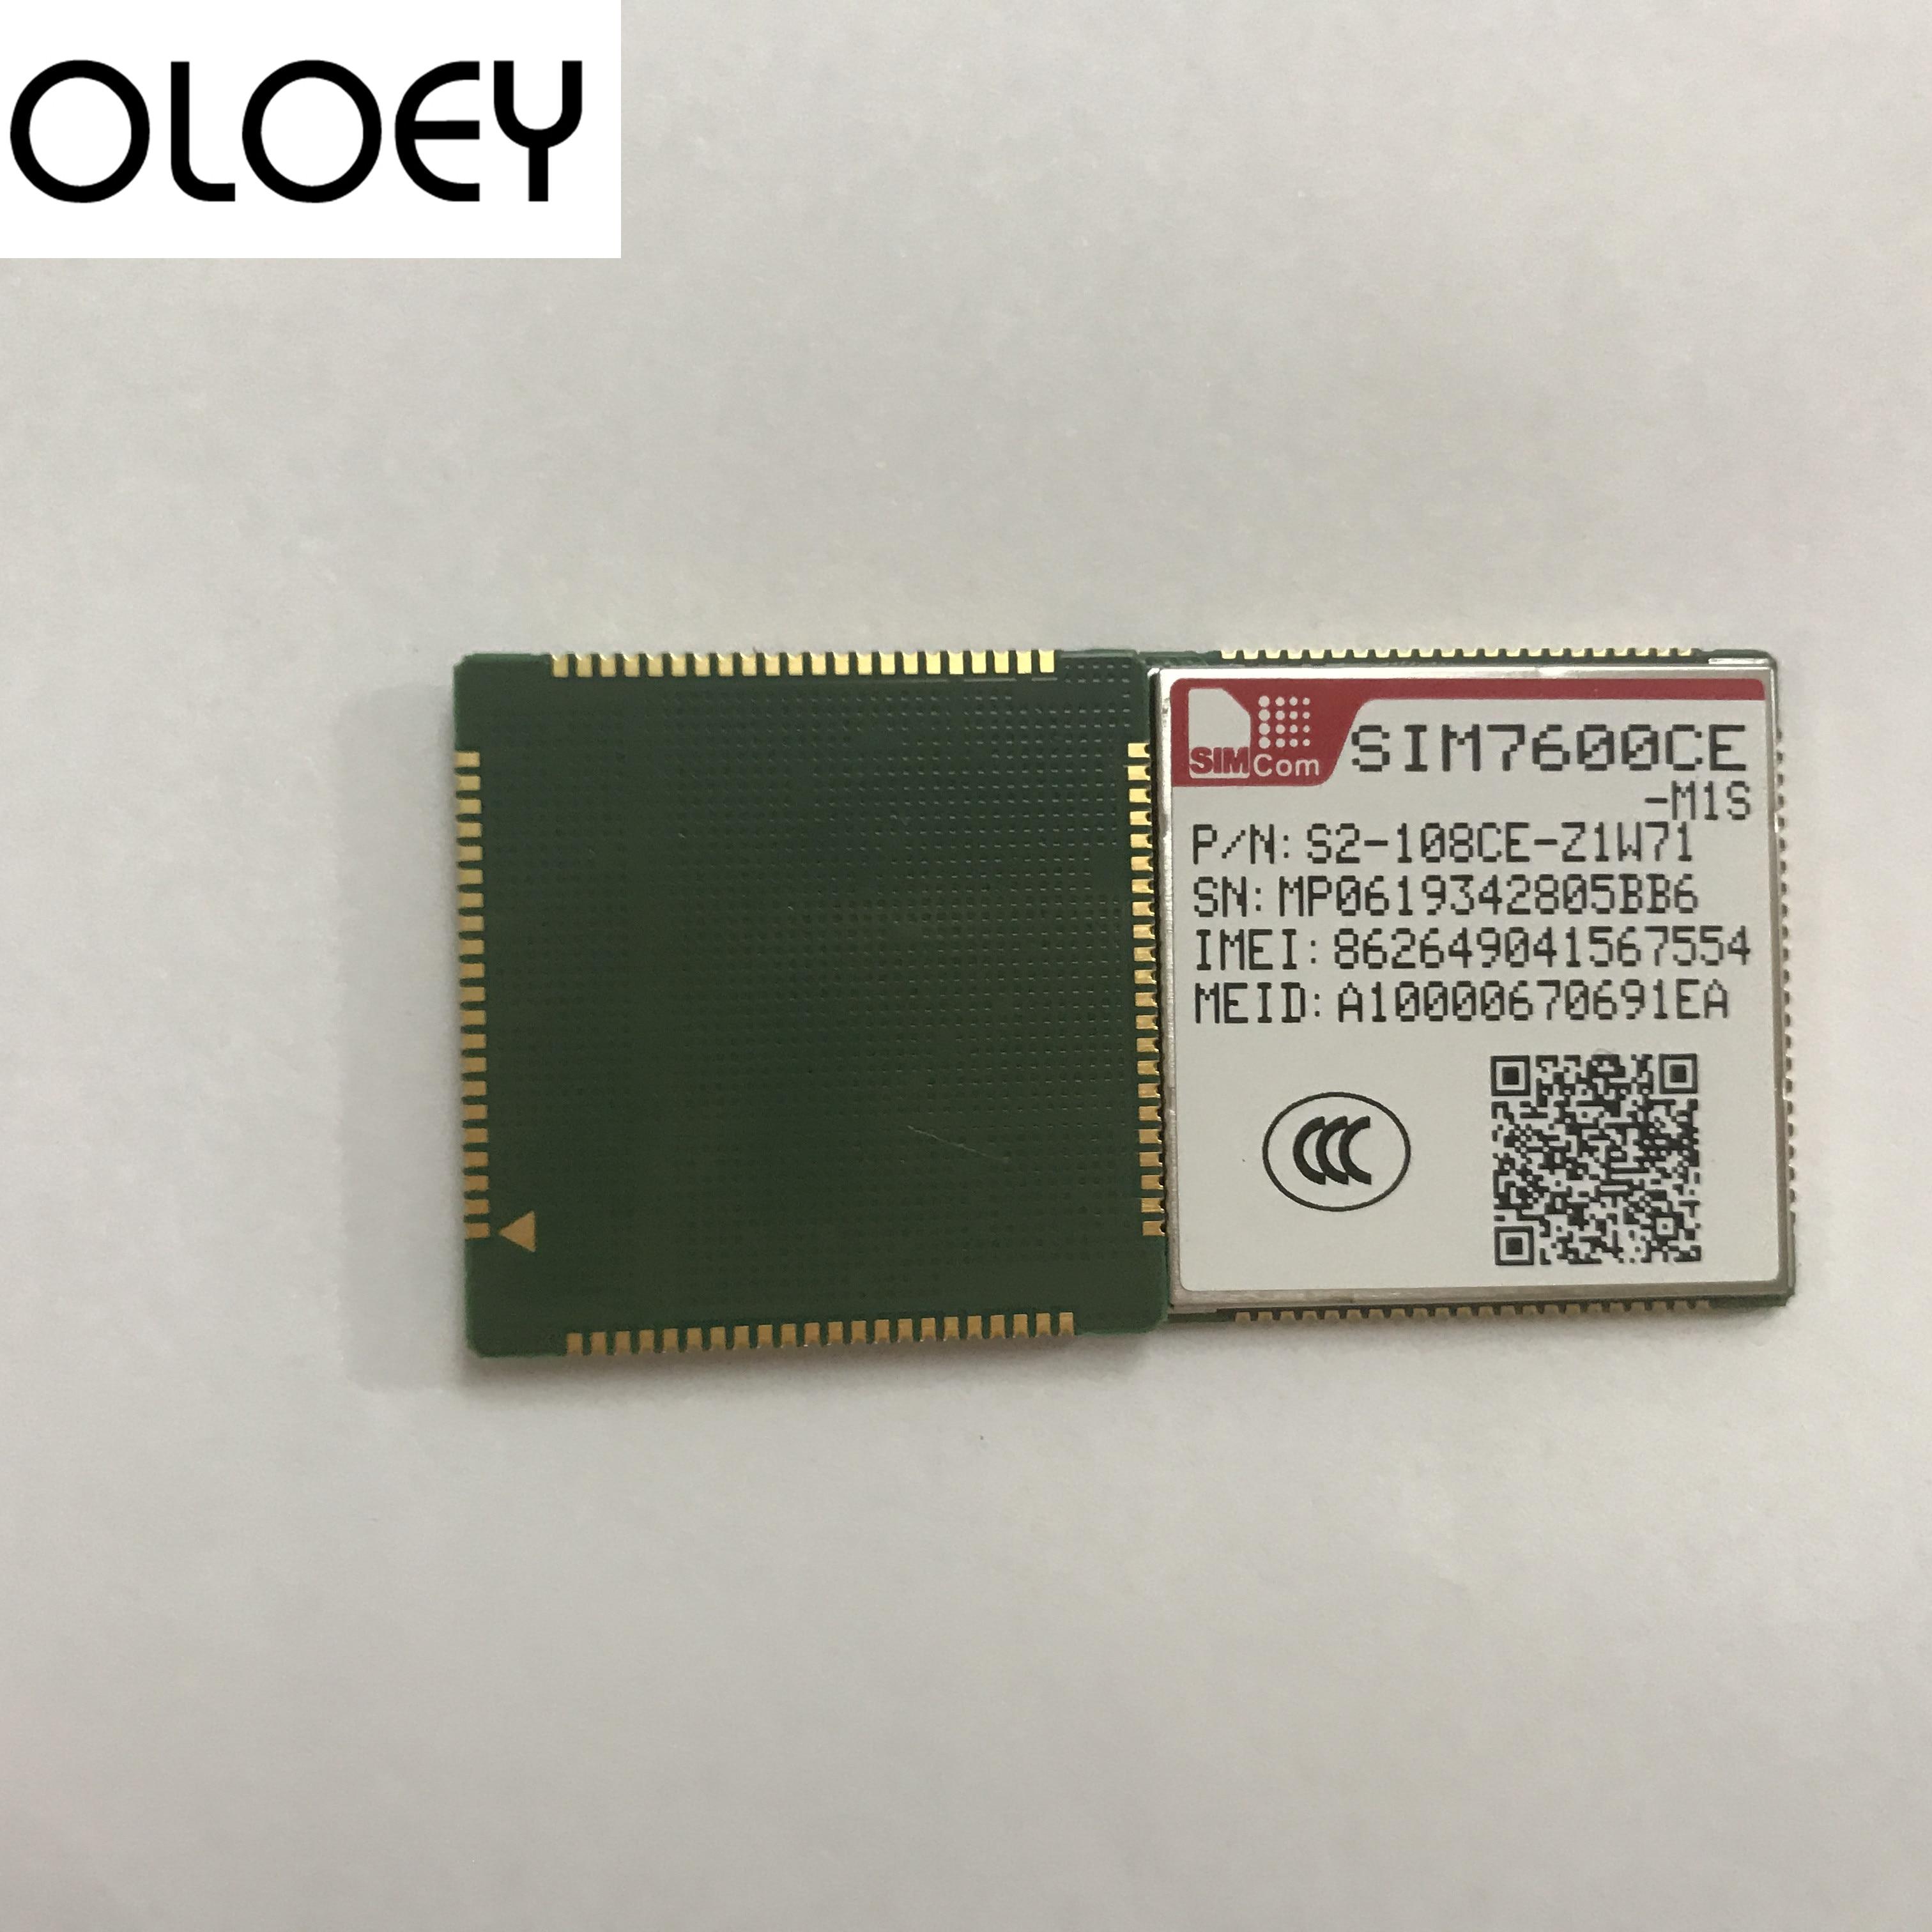 SIMcom SIM7600CE-M1S LCC  4G Modules Lte Module, GPS+ Lte Module, 100% Brand New Original